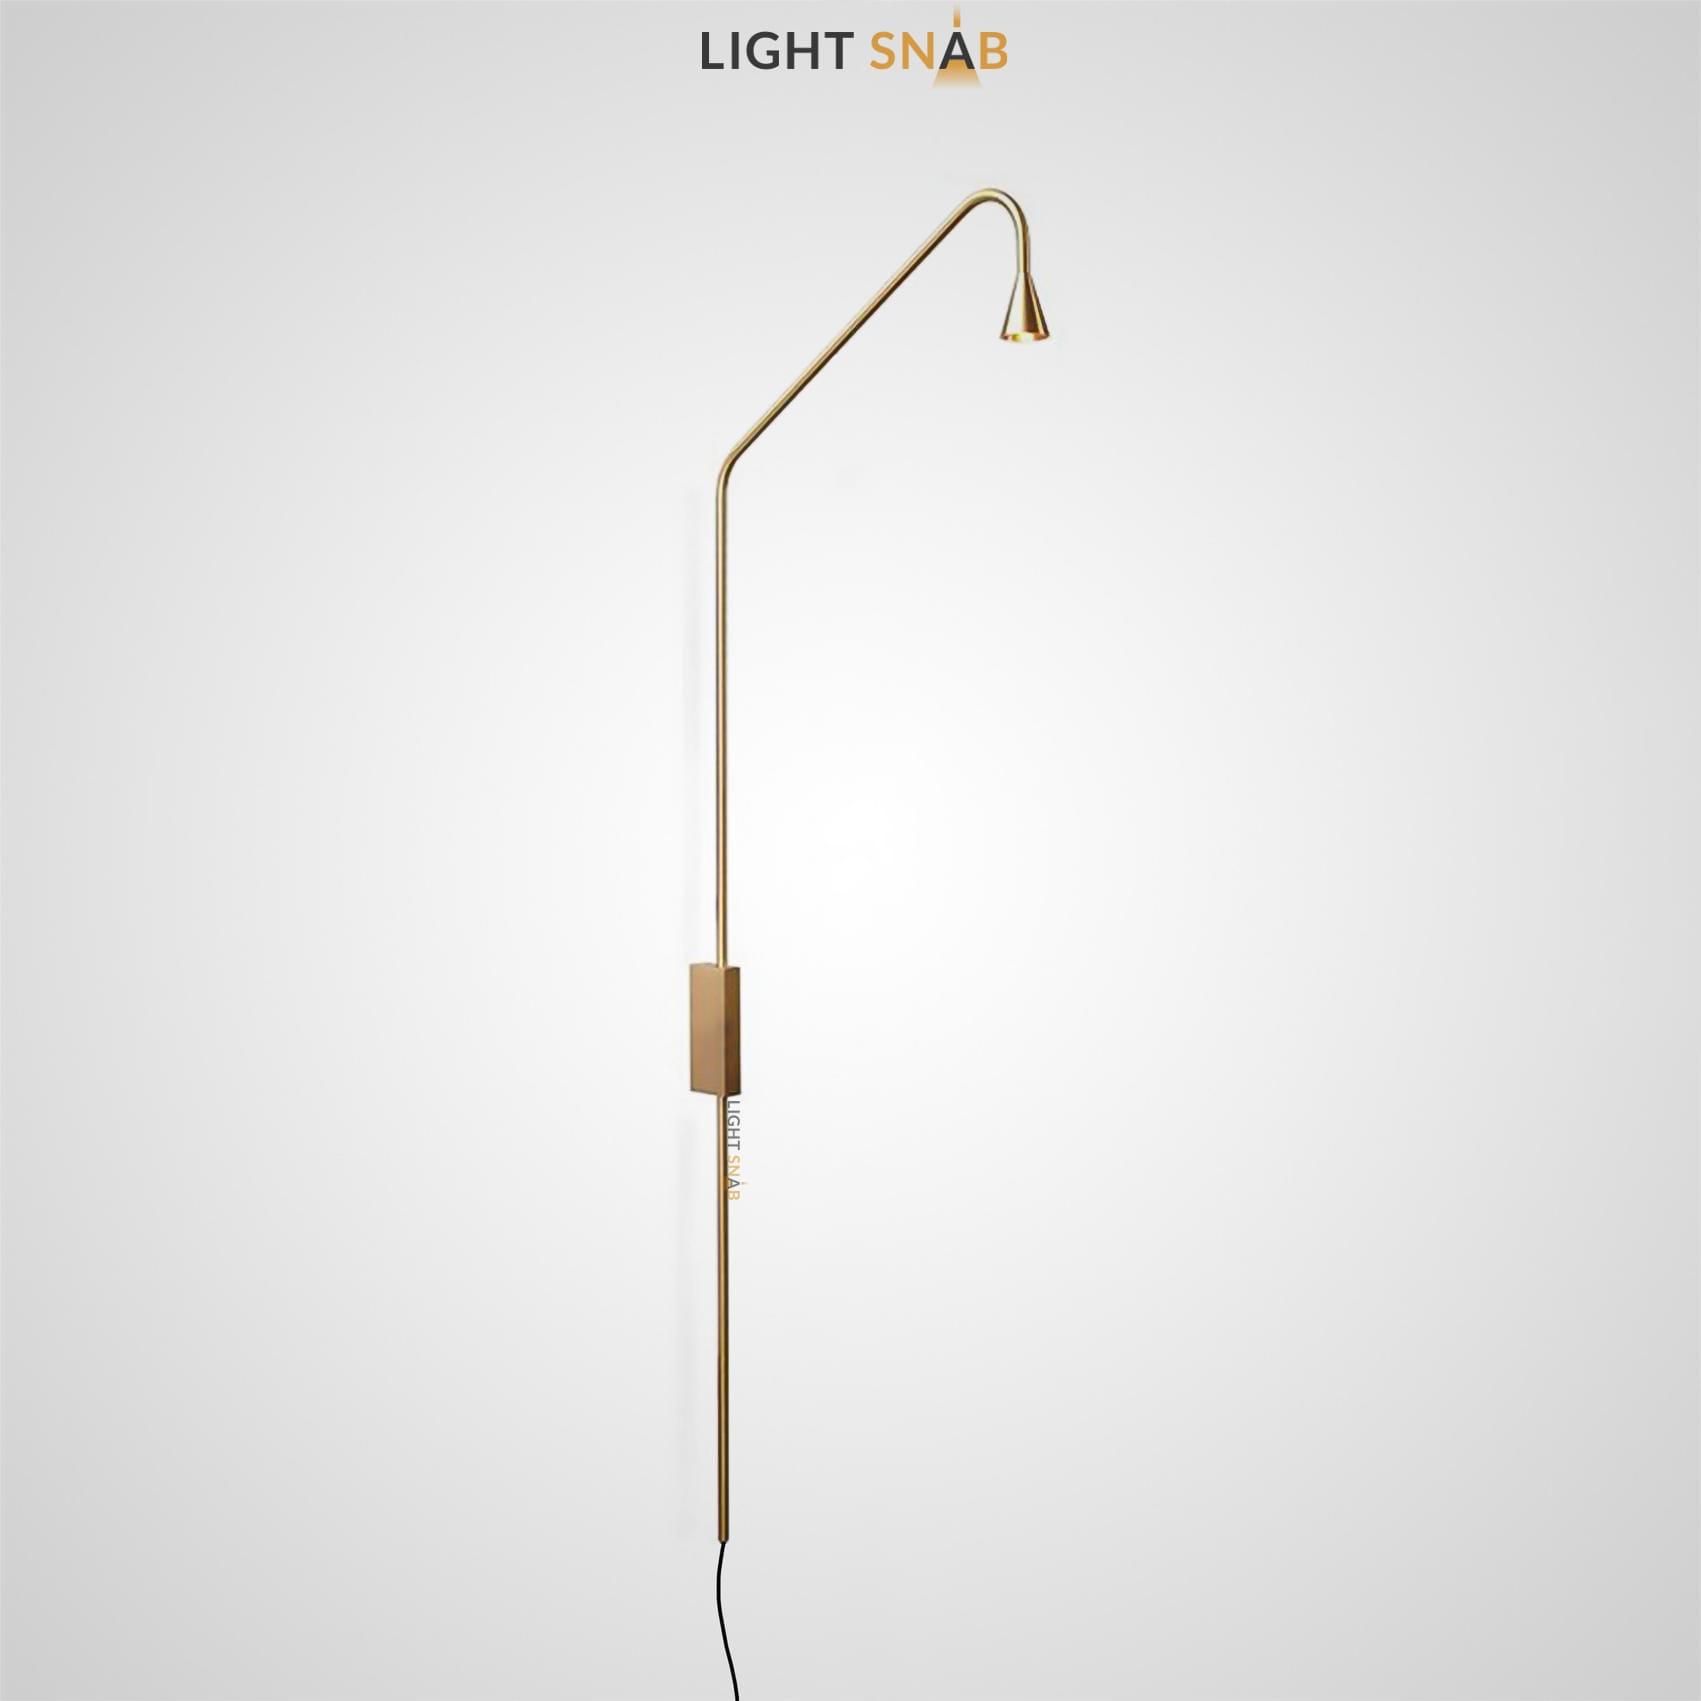 Настенный светодиодный светильник Arend цвет латунь